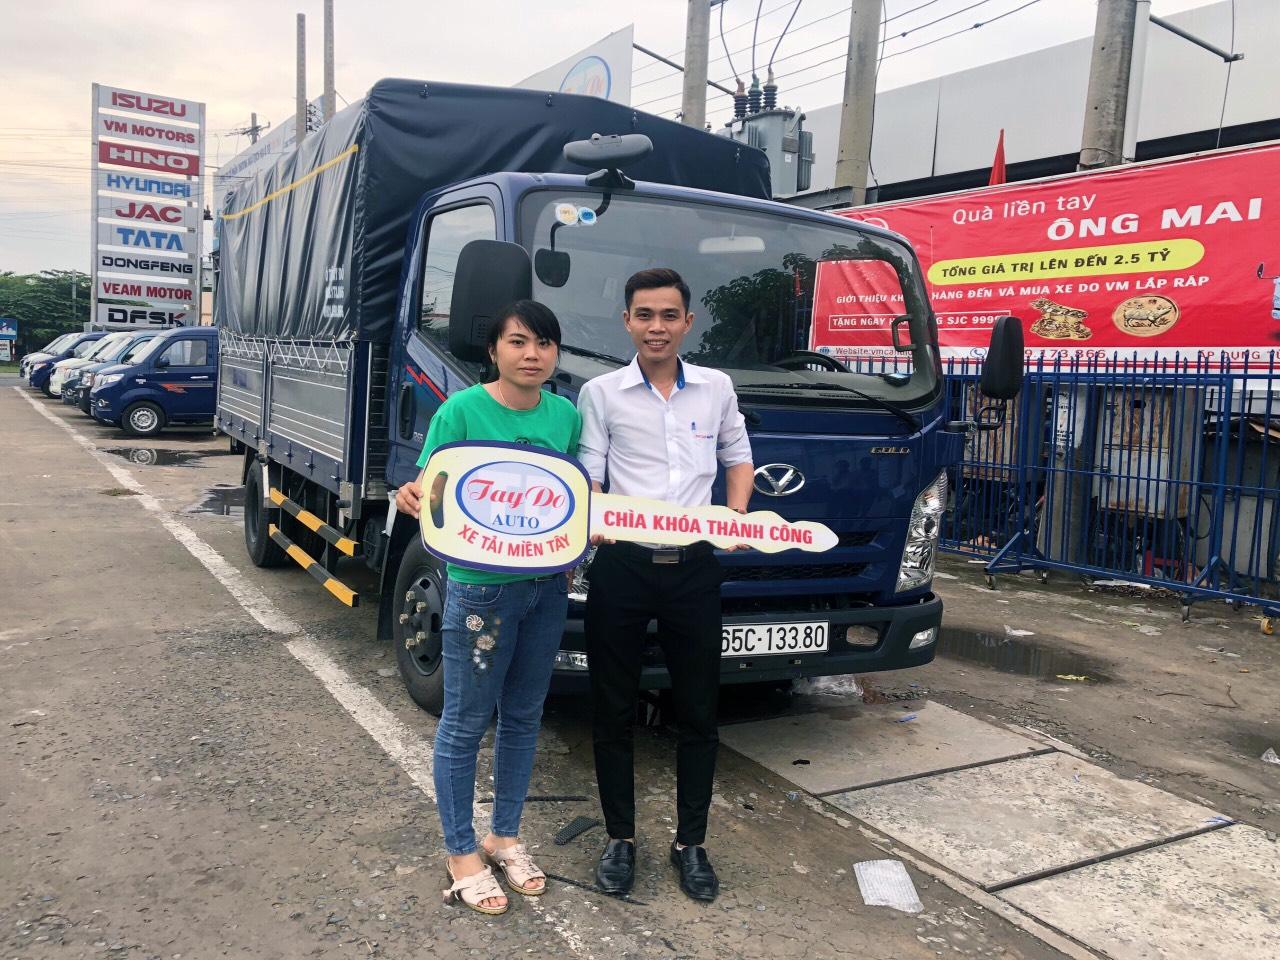 chị Thúy ở Đồng Tháp với nhu cầu mua xe tải mui bạc đã quyết định chọn mua xe tải Hyundai IZ65 tại Đại Lý Hyundai Miền Nam.